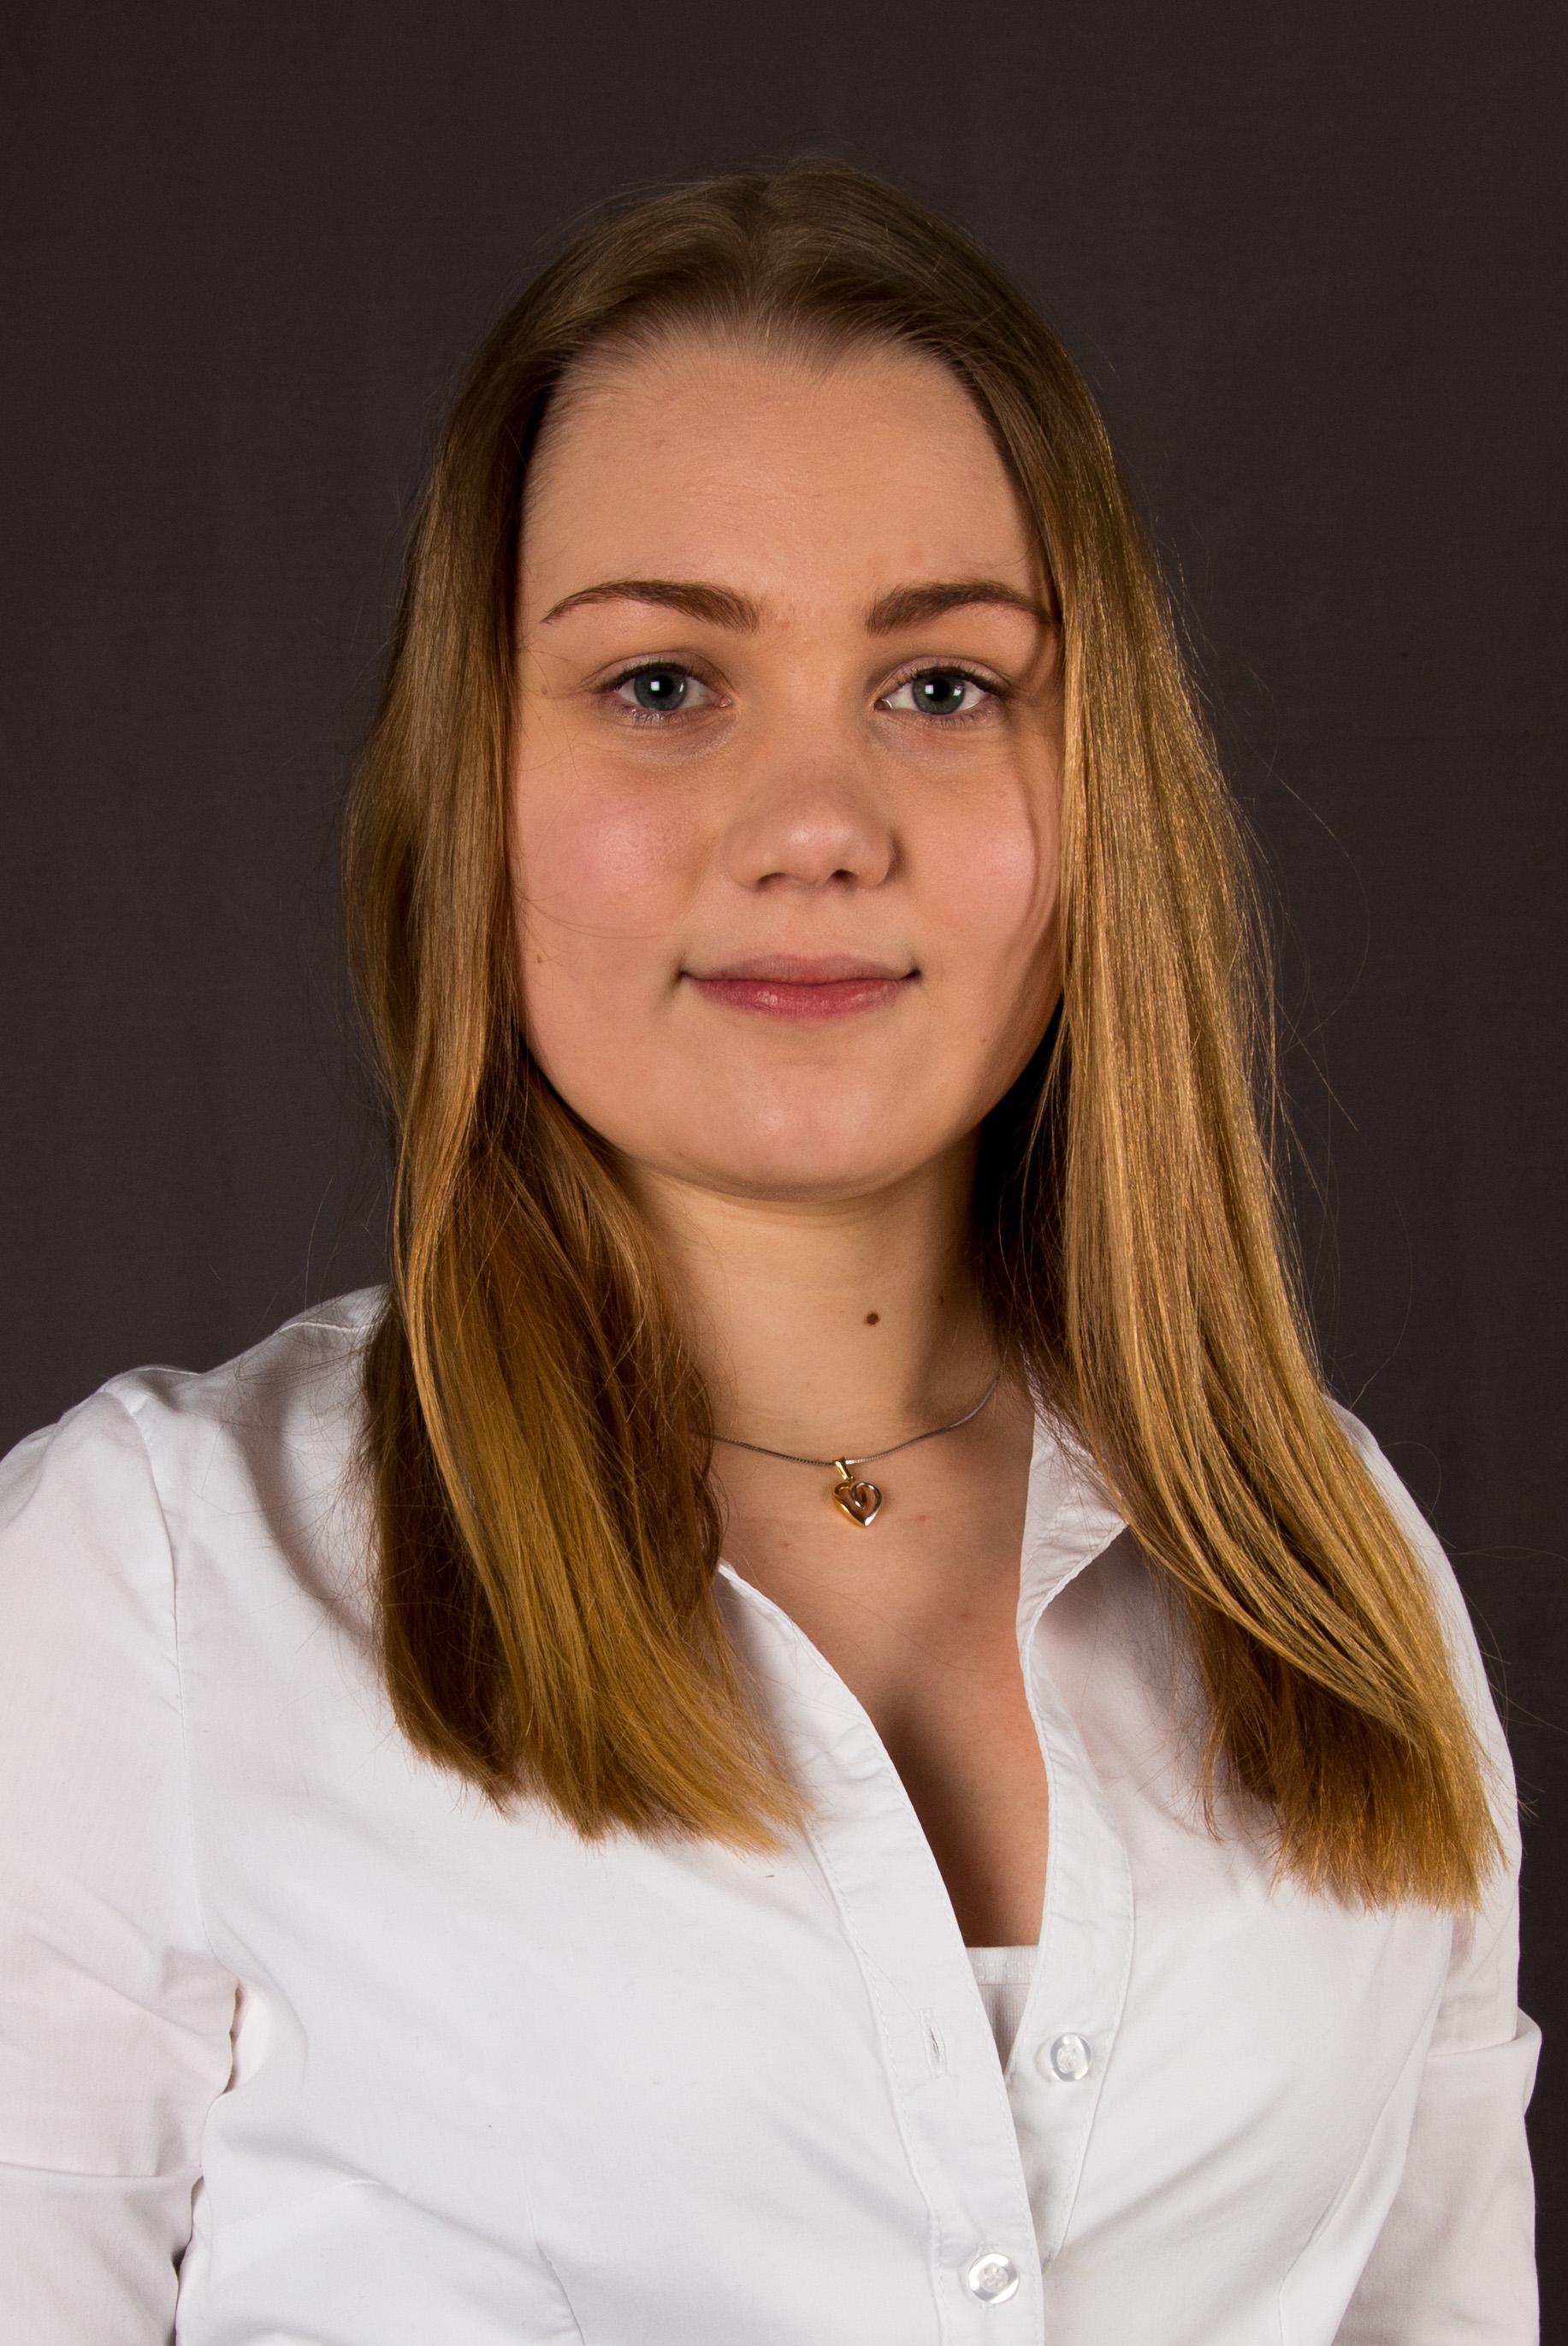 SARA FLODIN